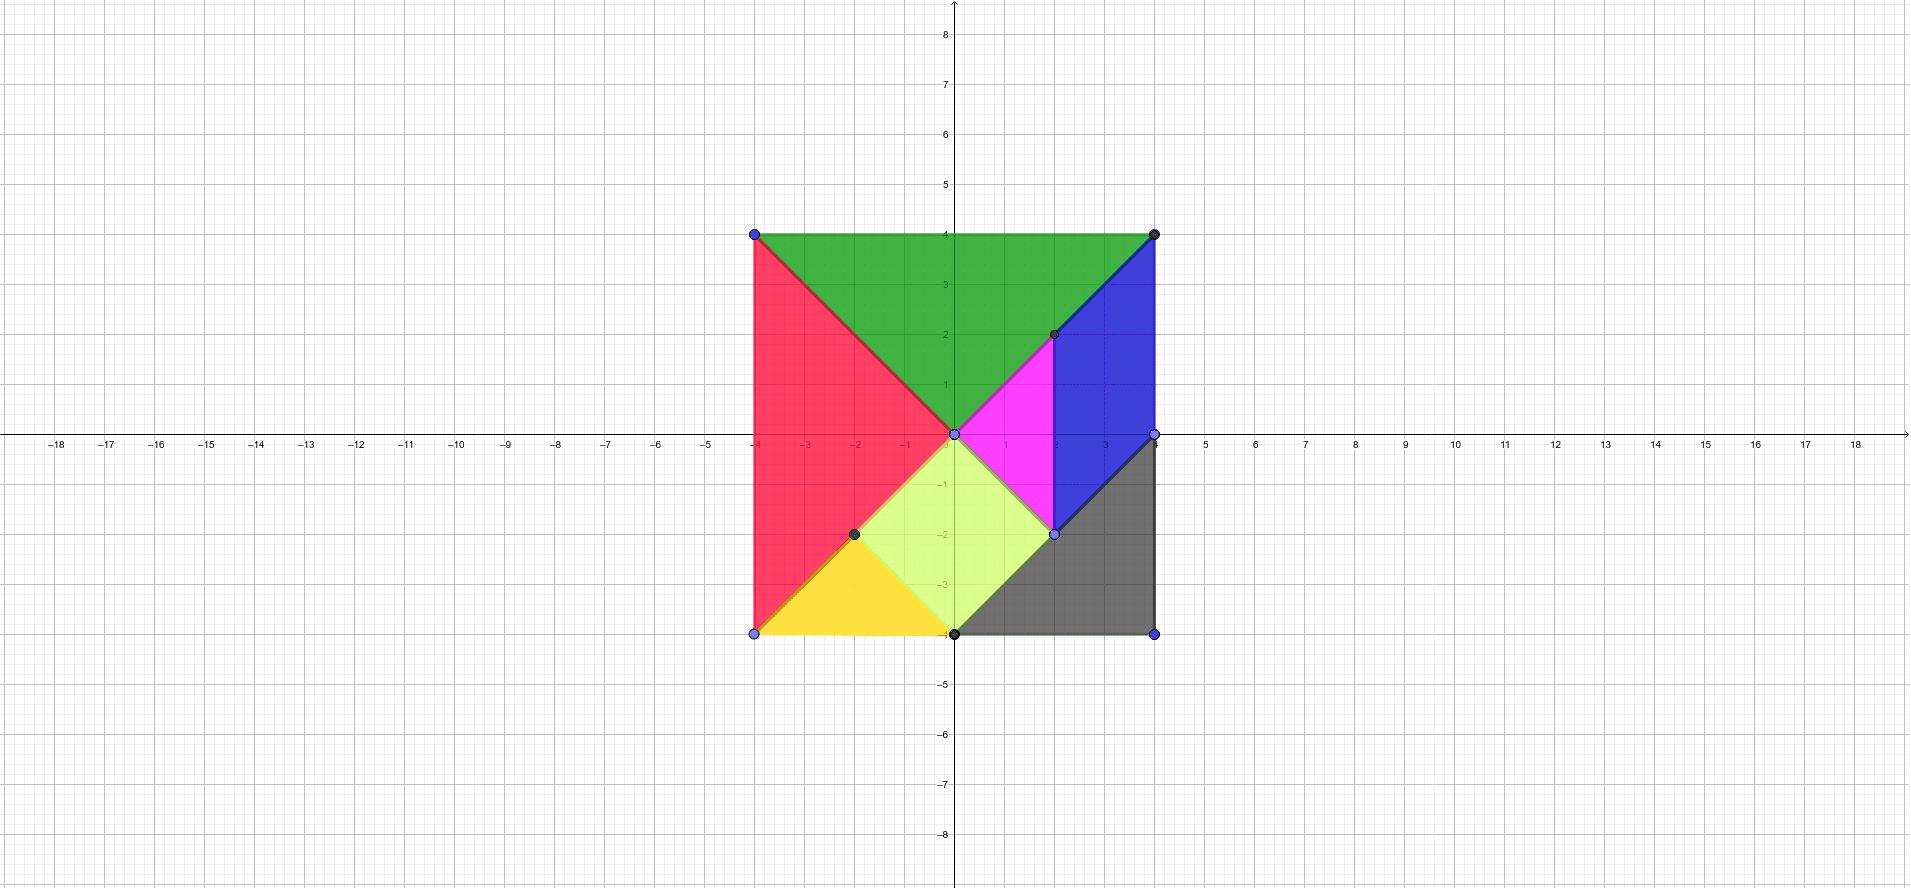 Interactúa y forma las distintas figuras con el tangrama.